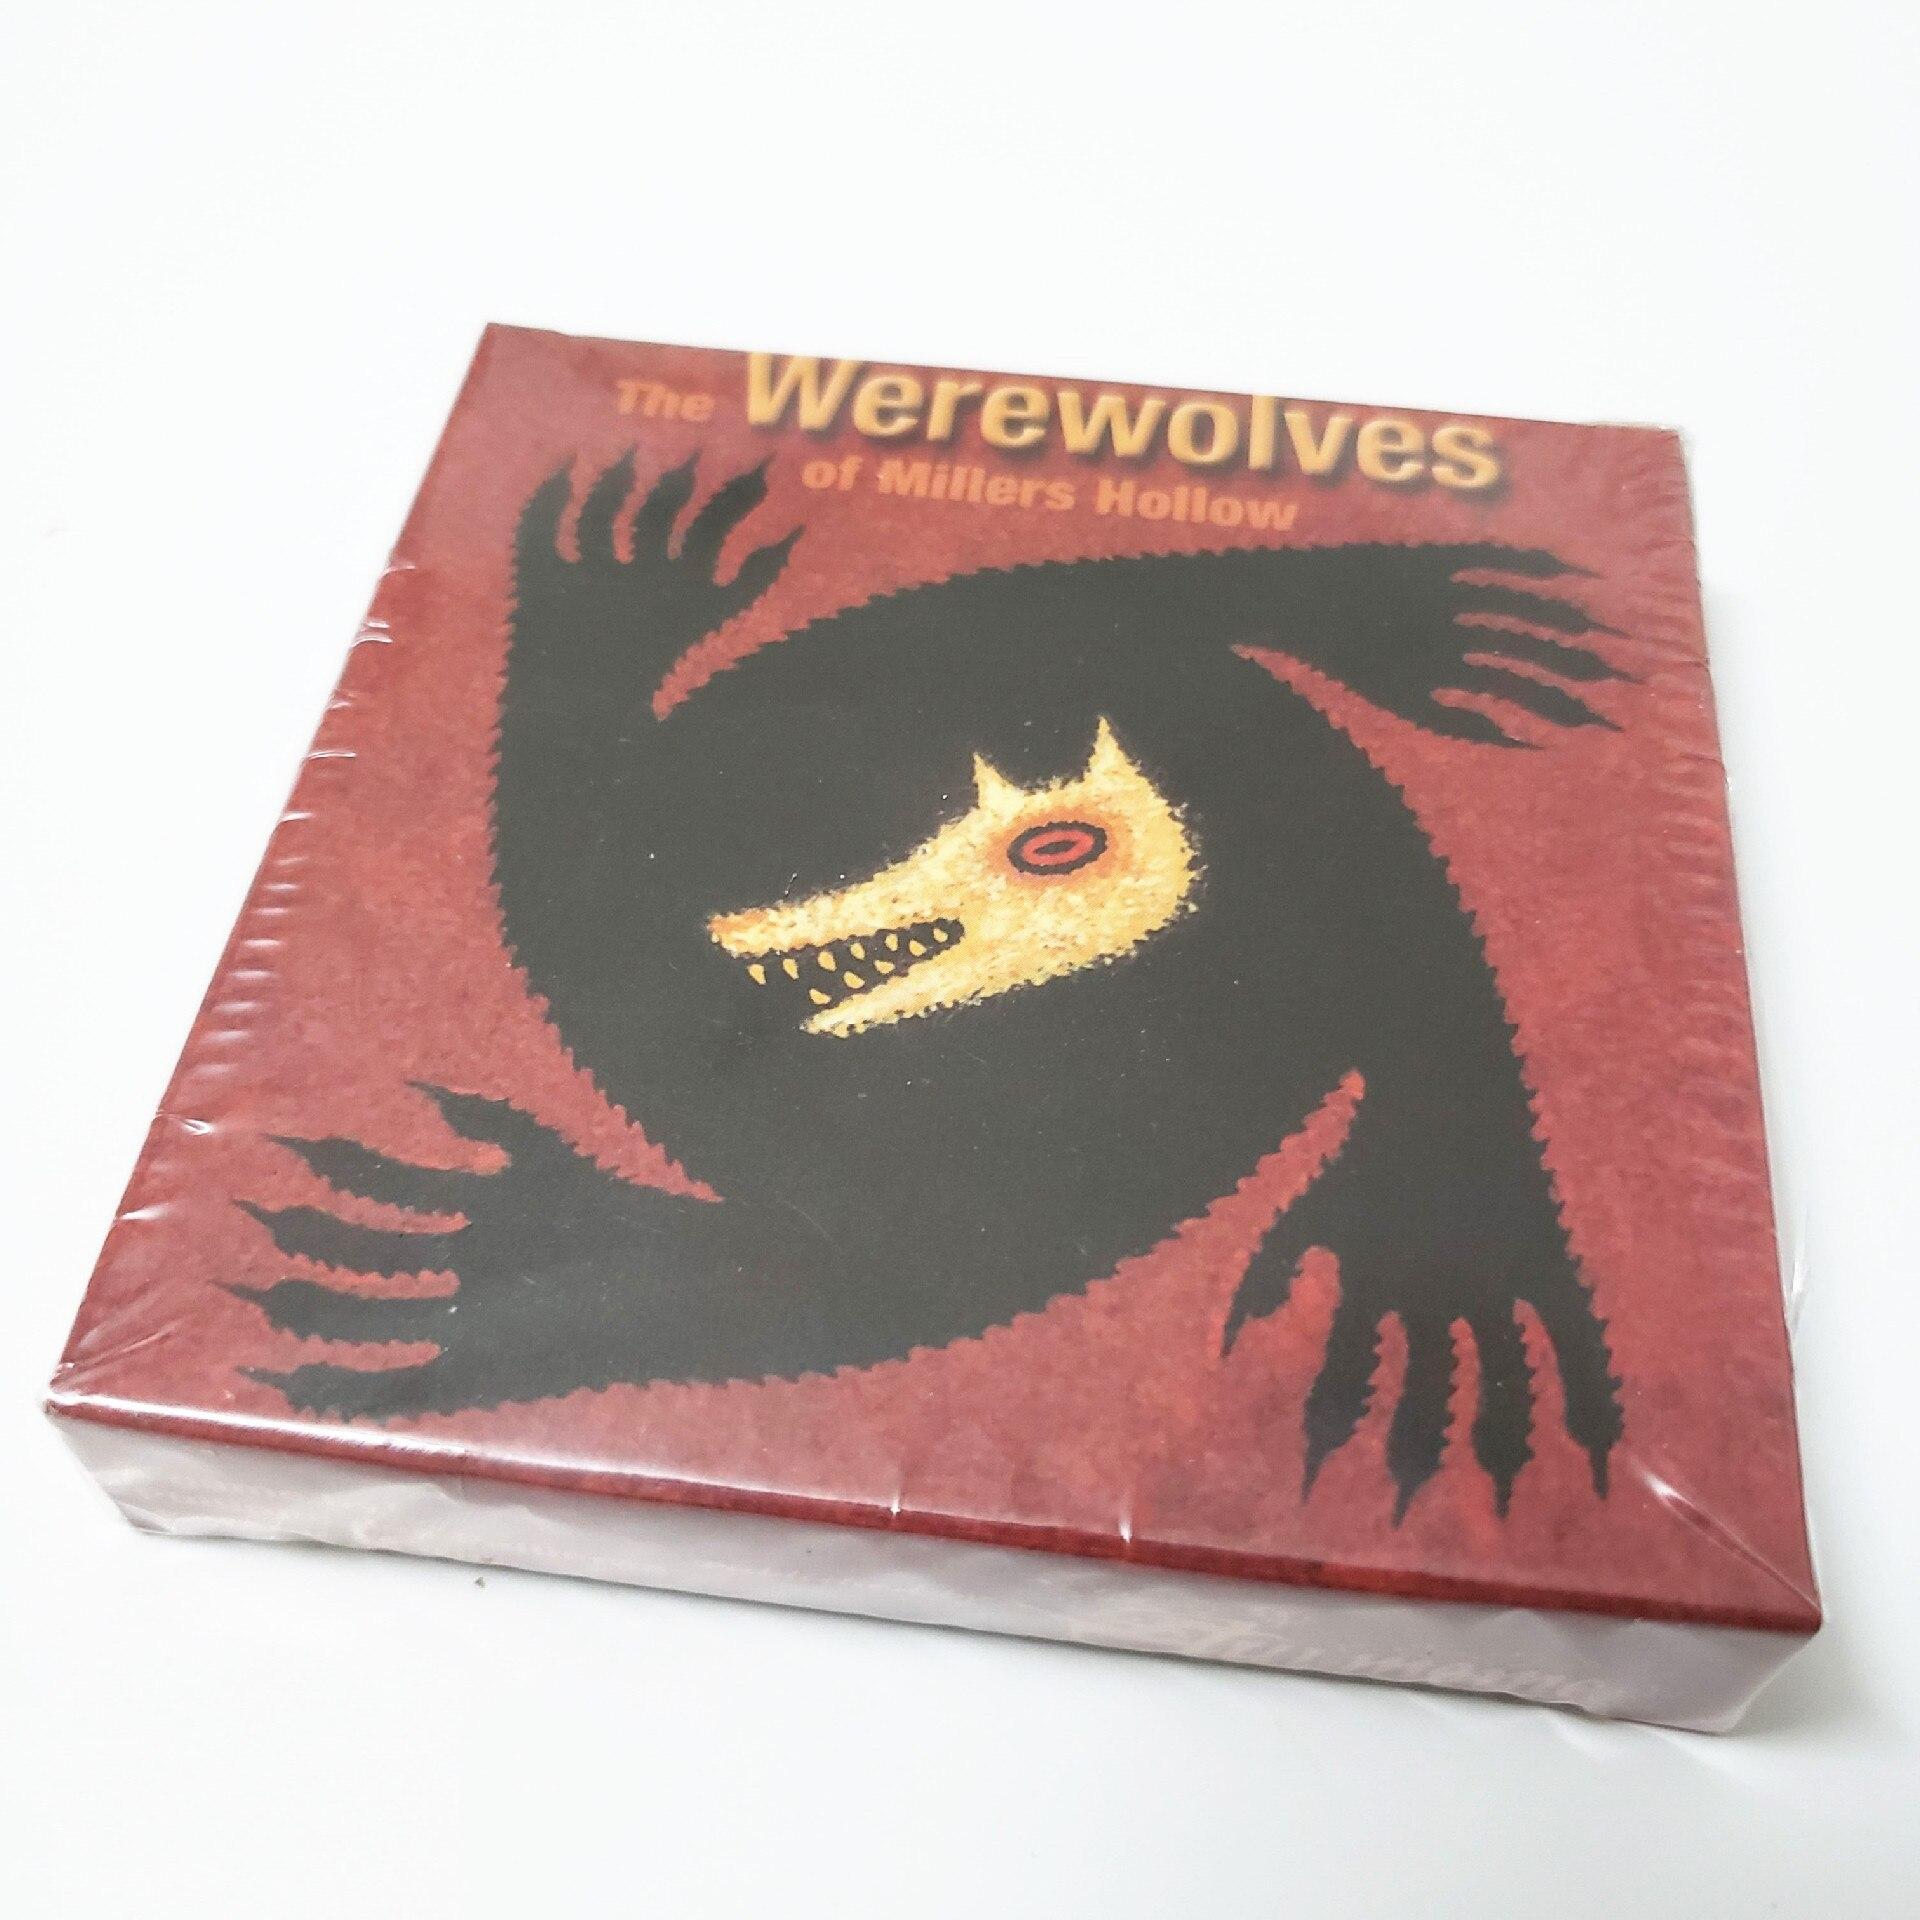 Superventas juego de hombre lobo juego de mesa de cartas juego de mesa de estrategia inglés juego de mesa